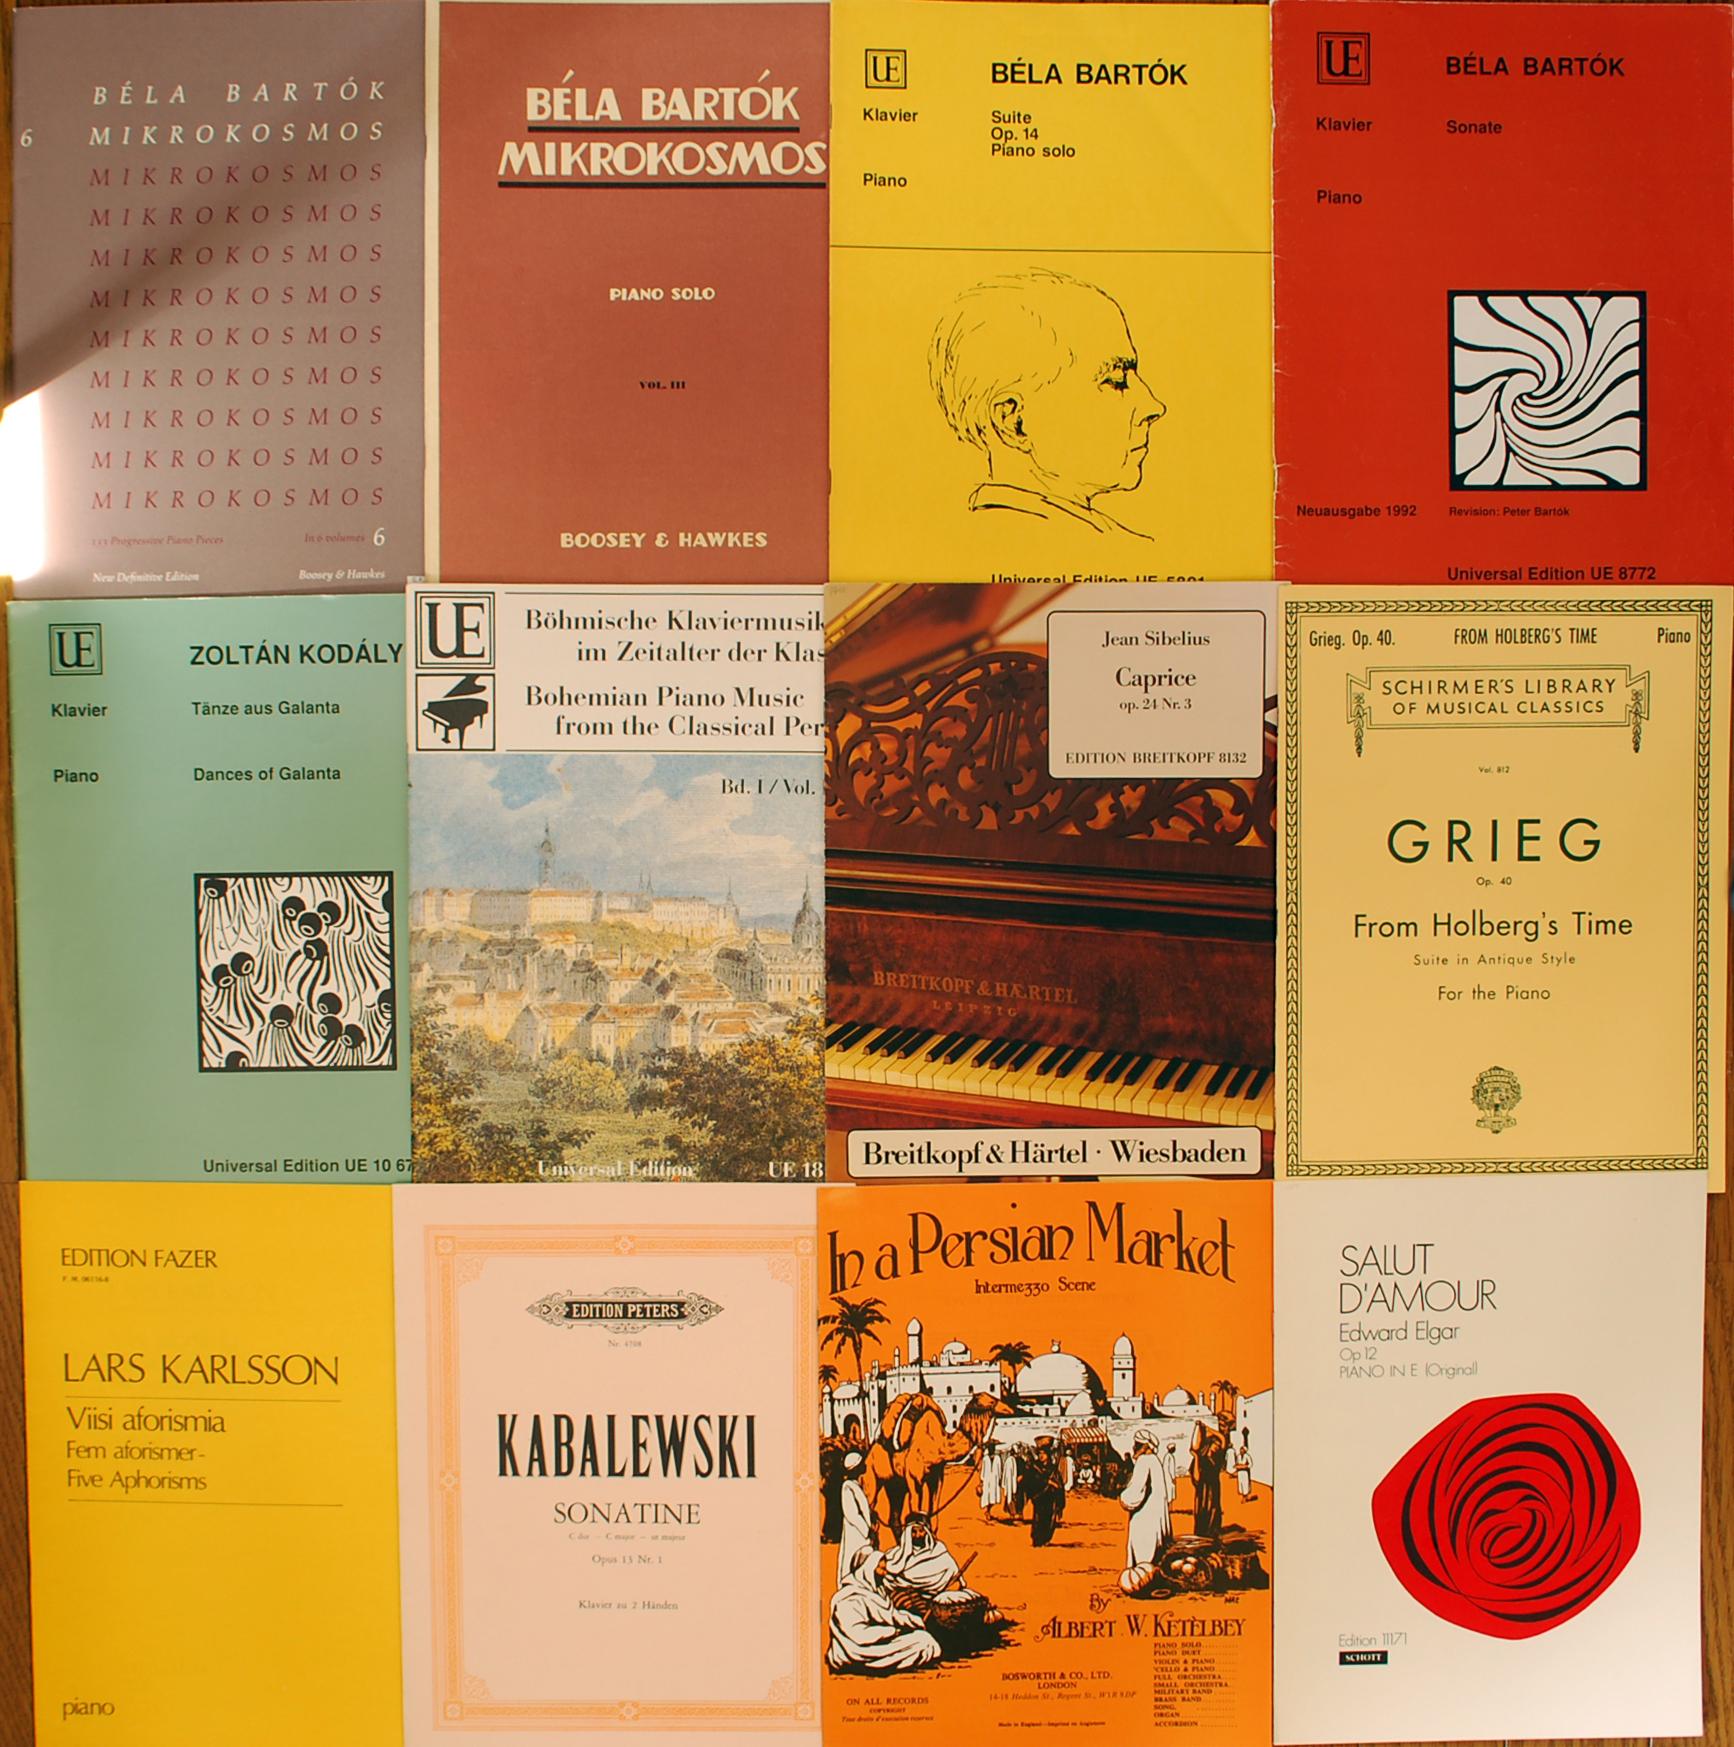 カバレフスキー、バルトーク・ベーラ、コダーイなどの楽譜スコア買取